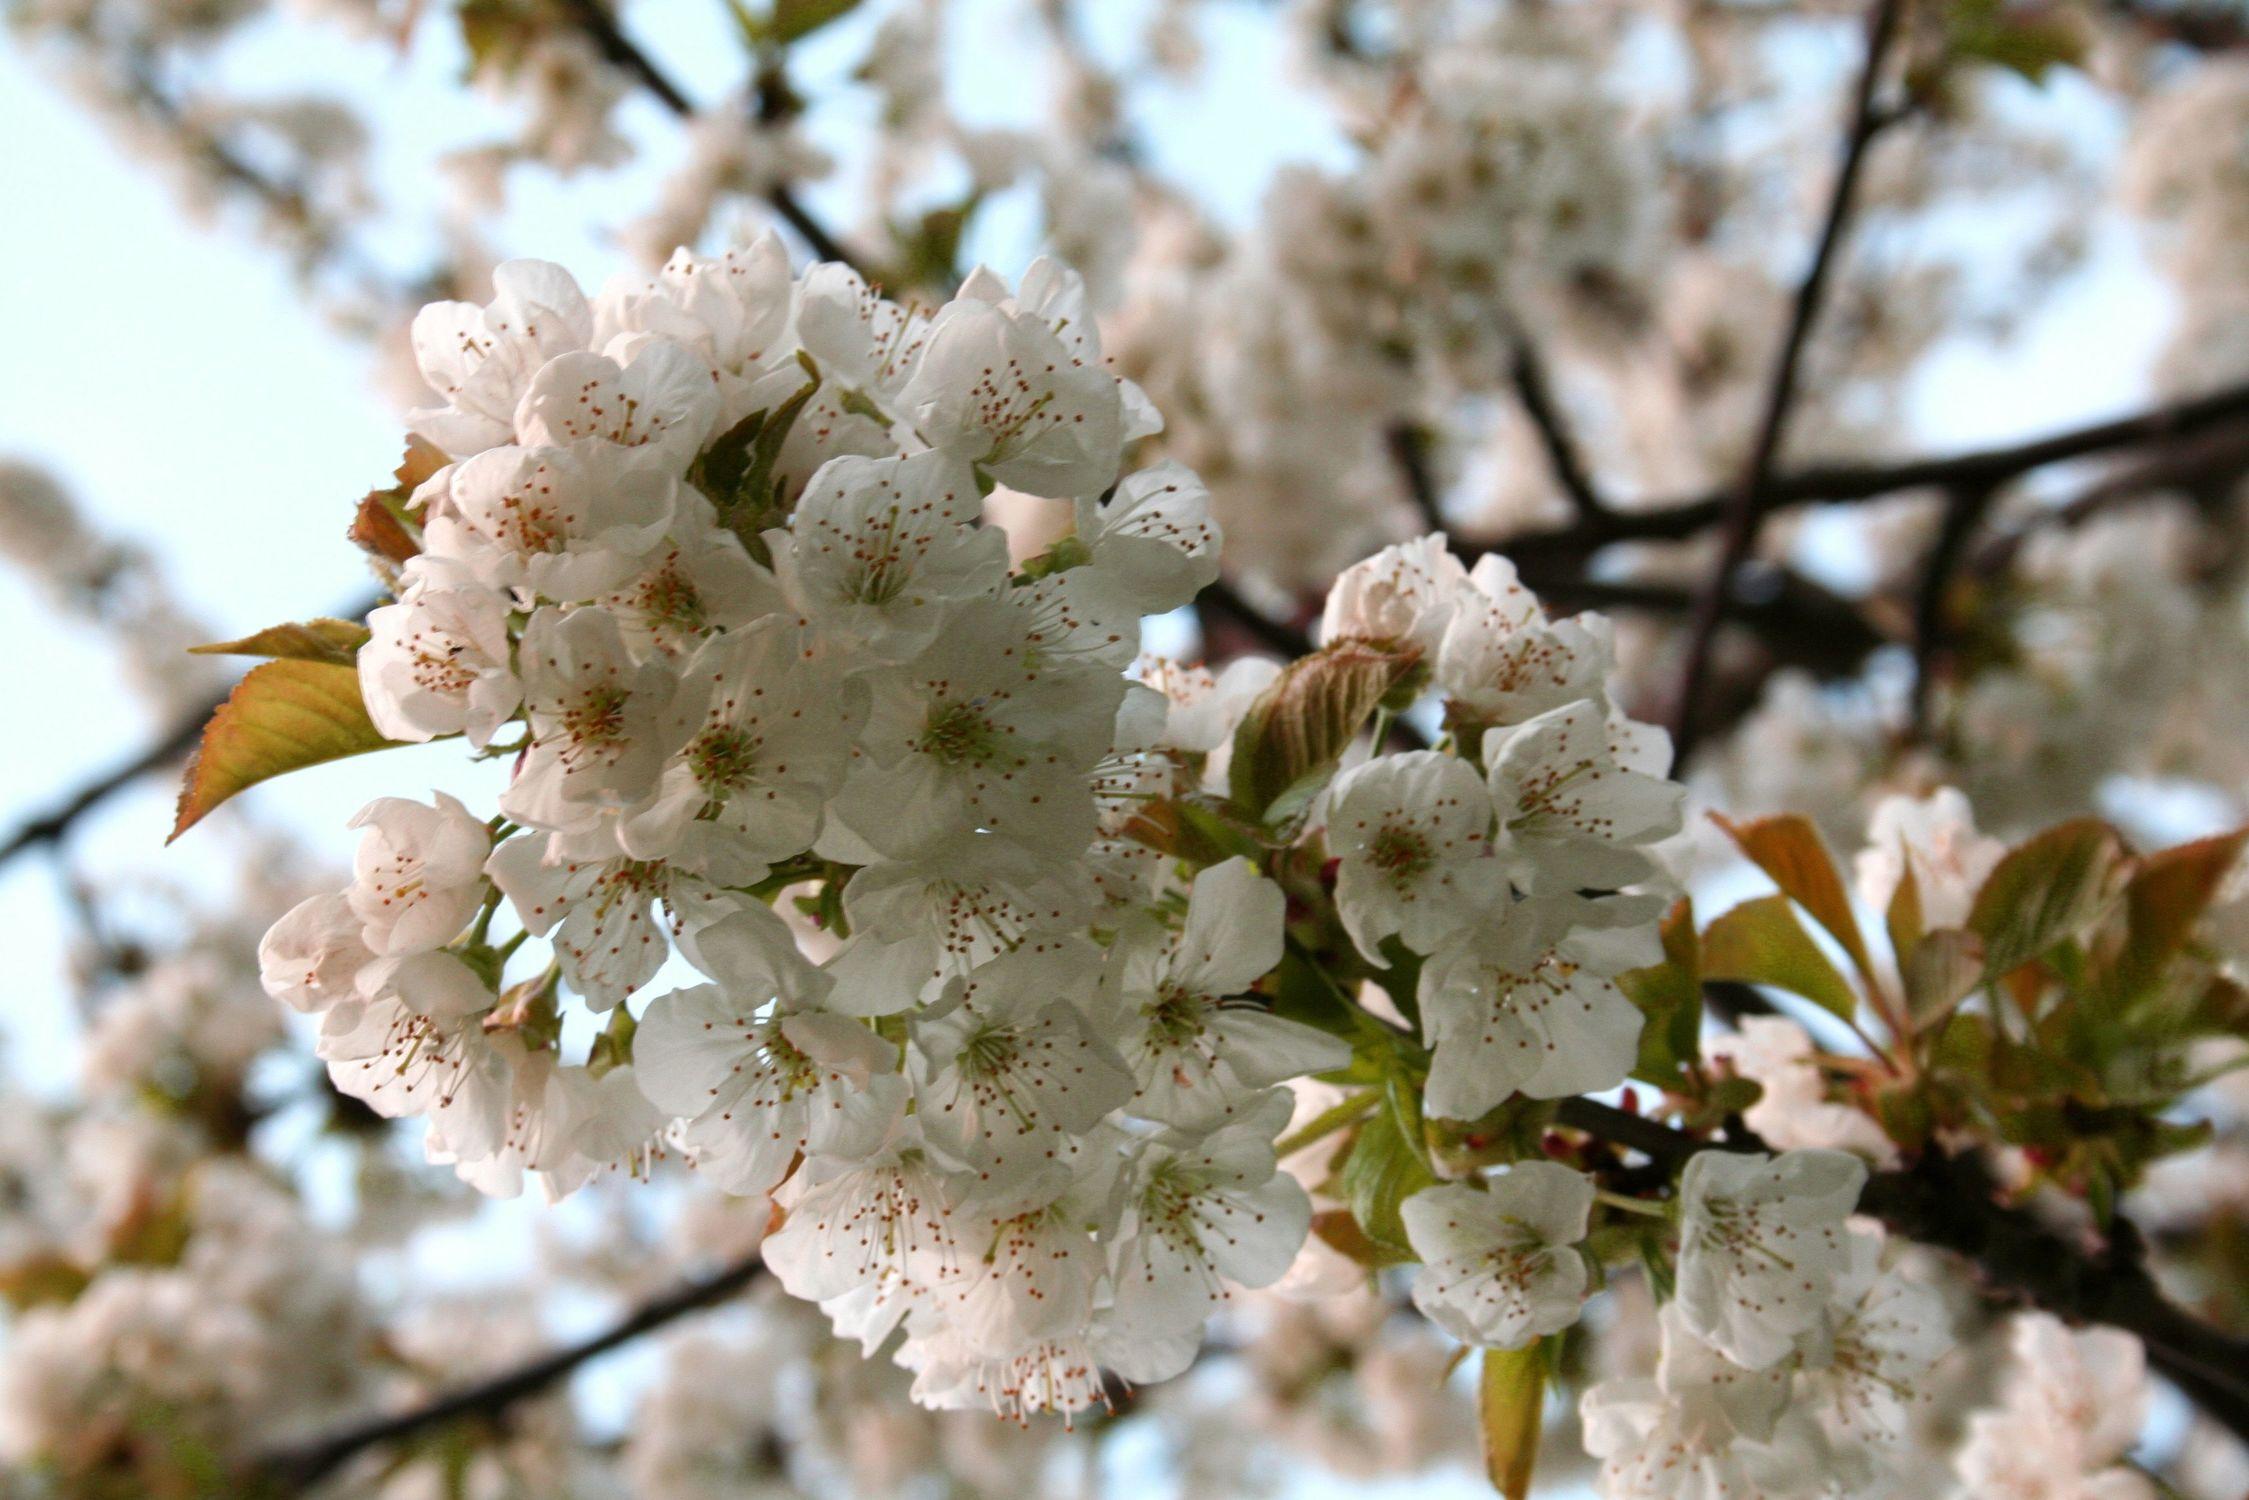 Bild mit Natur, Pflanzen, Bäume, Jahreszeiten, Blumen, Frühling, Obstbäume, Kirschbäume, Baum, Obstbaum, Pflanze, Kirschbaum, Kirsche